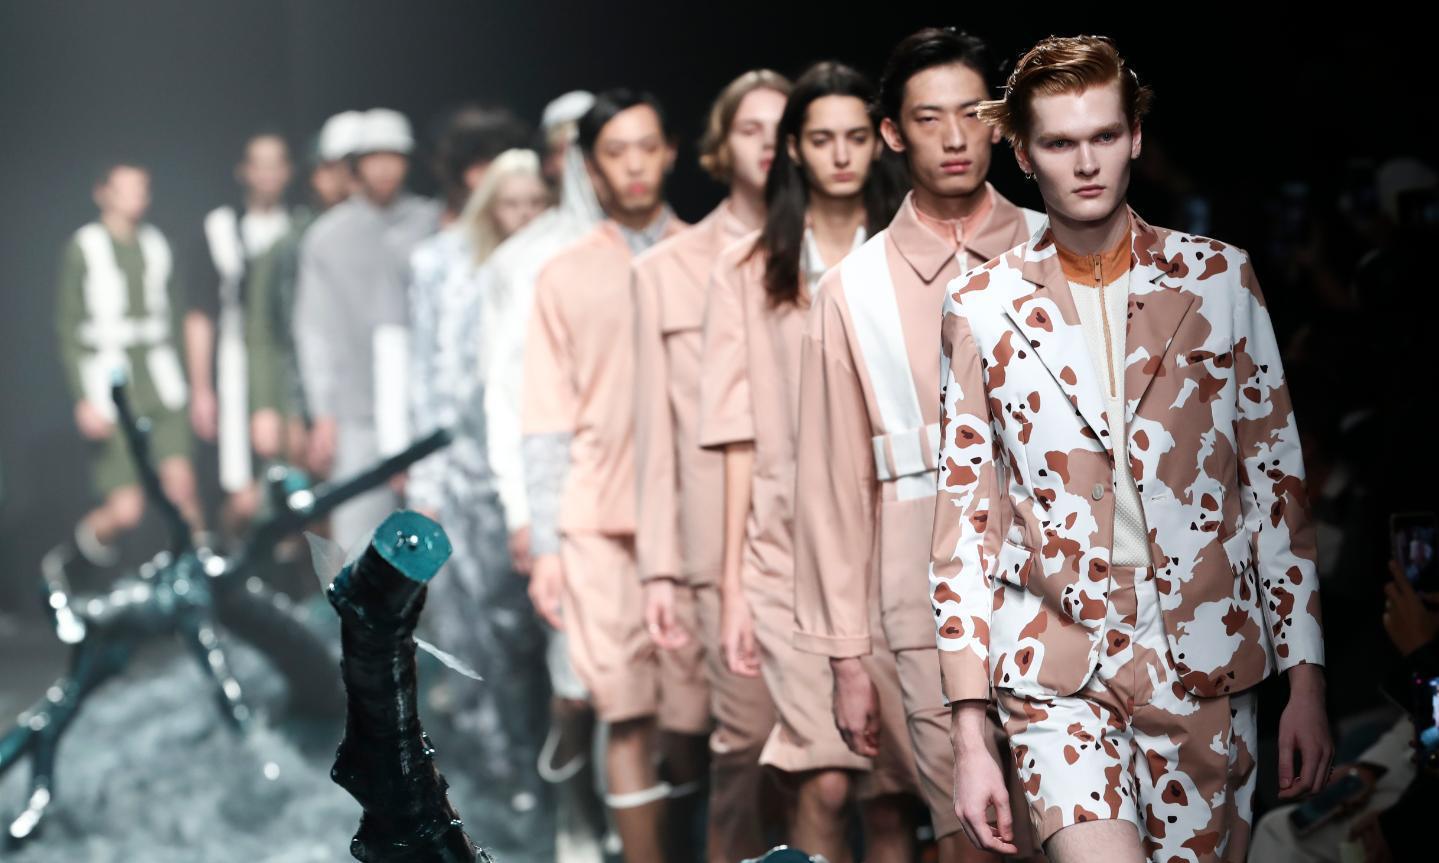 中国时装产业正在从疫情中迅速恢复